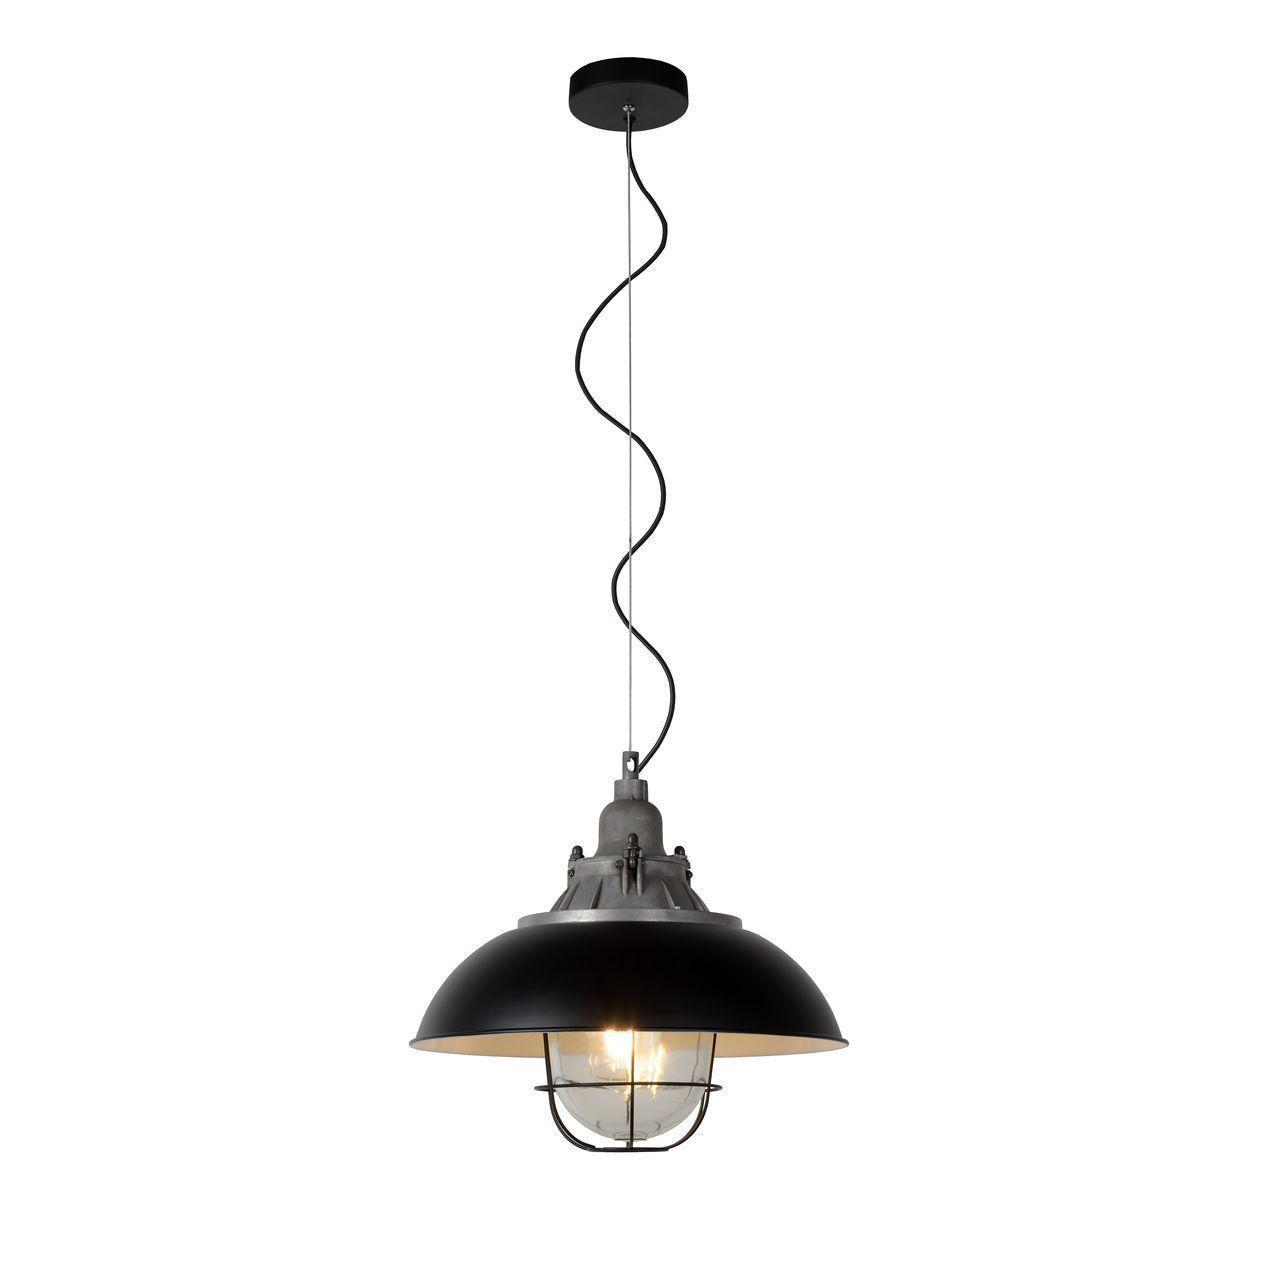 Подвесной светильник Lucide Gringo 03315/40/30 подвесной светильник lucide tjoll 37403 01 30